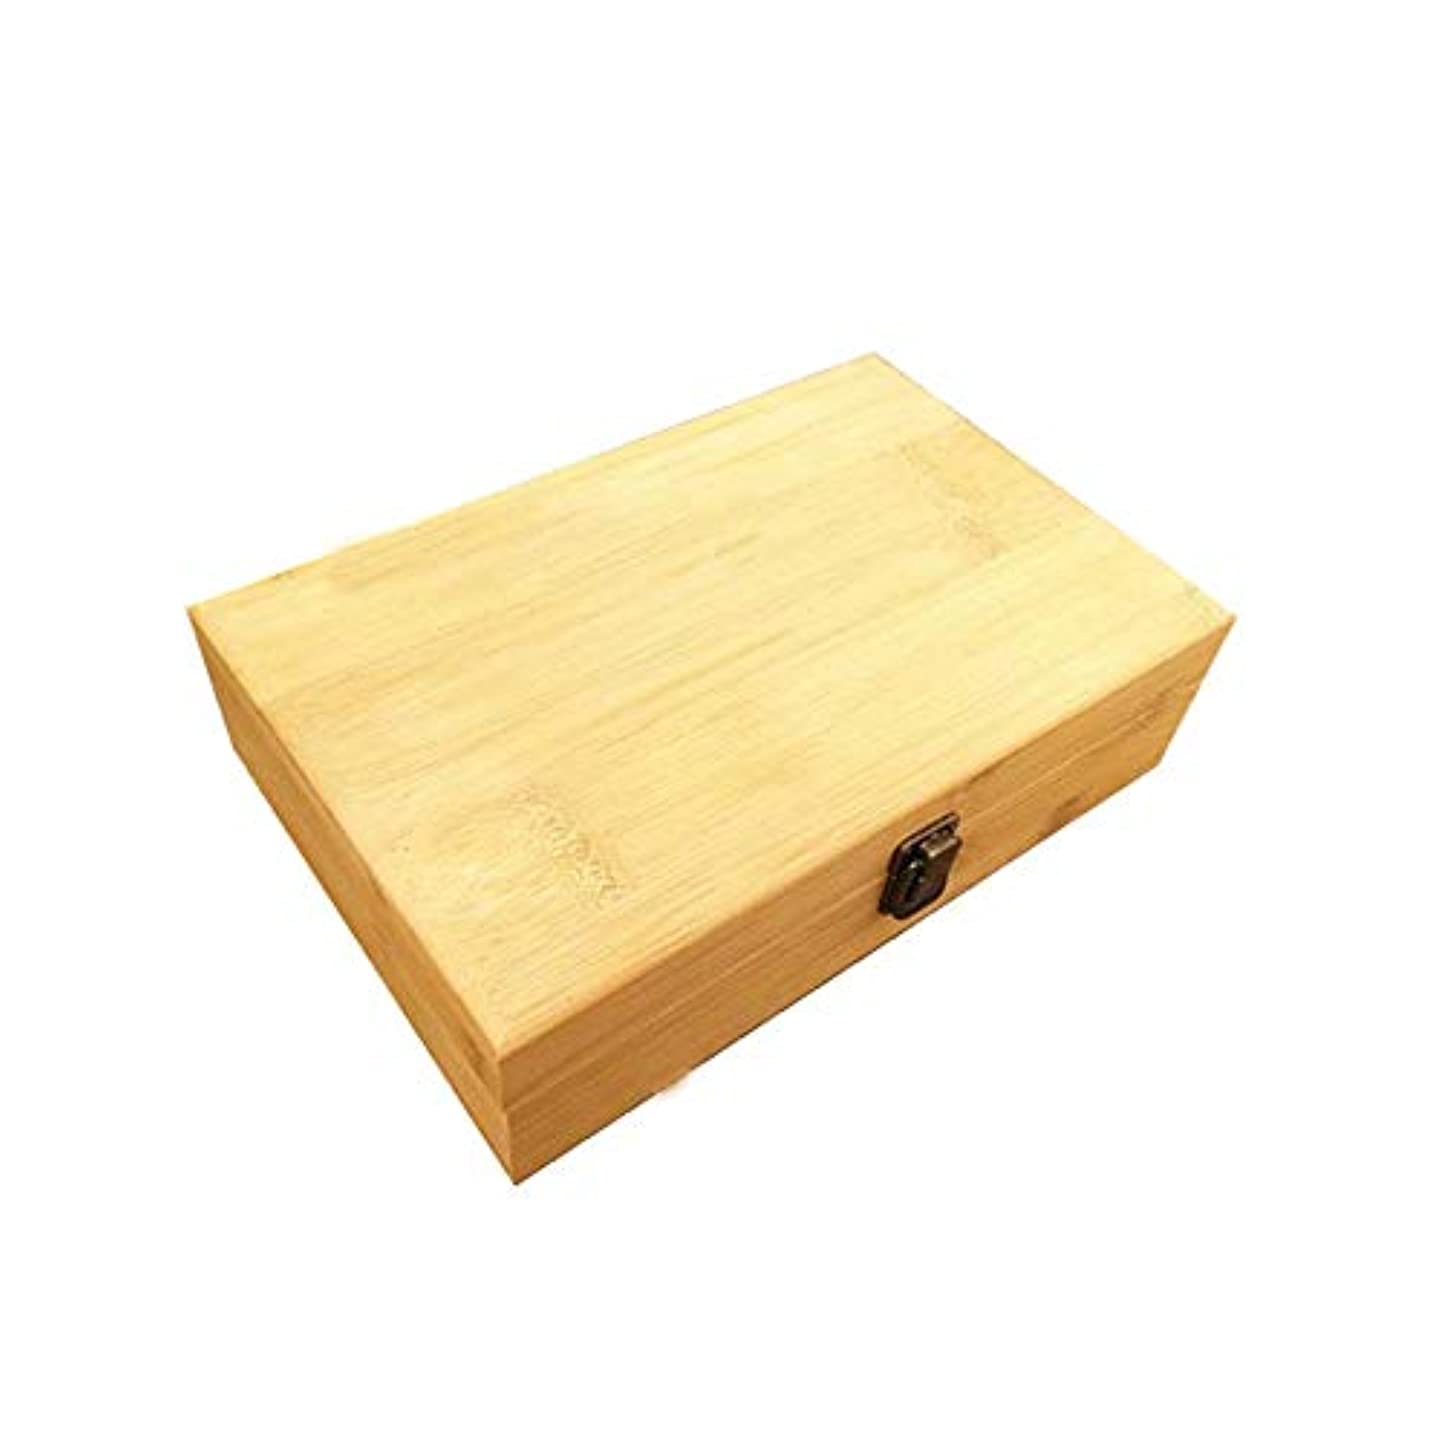 予報プレフィックス版エッセンシャルオイルの保管 40スロットエッセンシャルオイルボックス木製収納ケースは、40本のボトルエッセンシャルオイルスペースセーバーの開催します (色 : Natural, サイズ : 29X18.5X8CM)